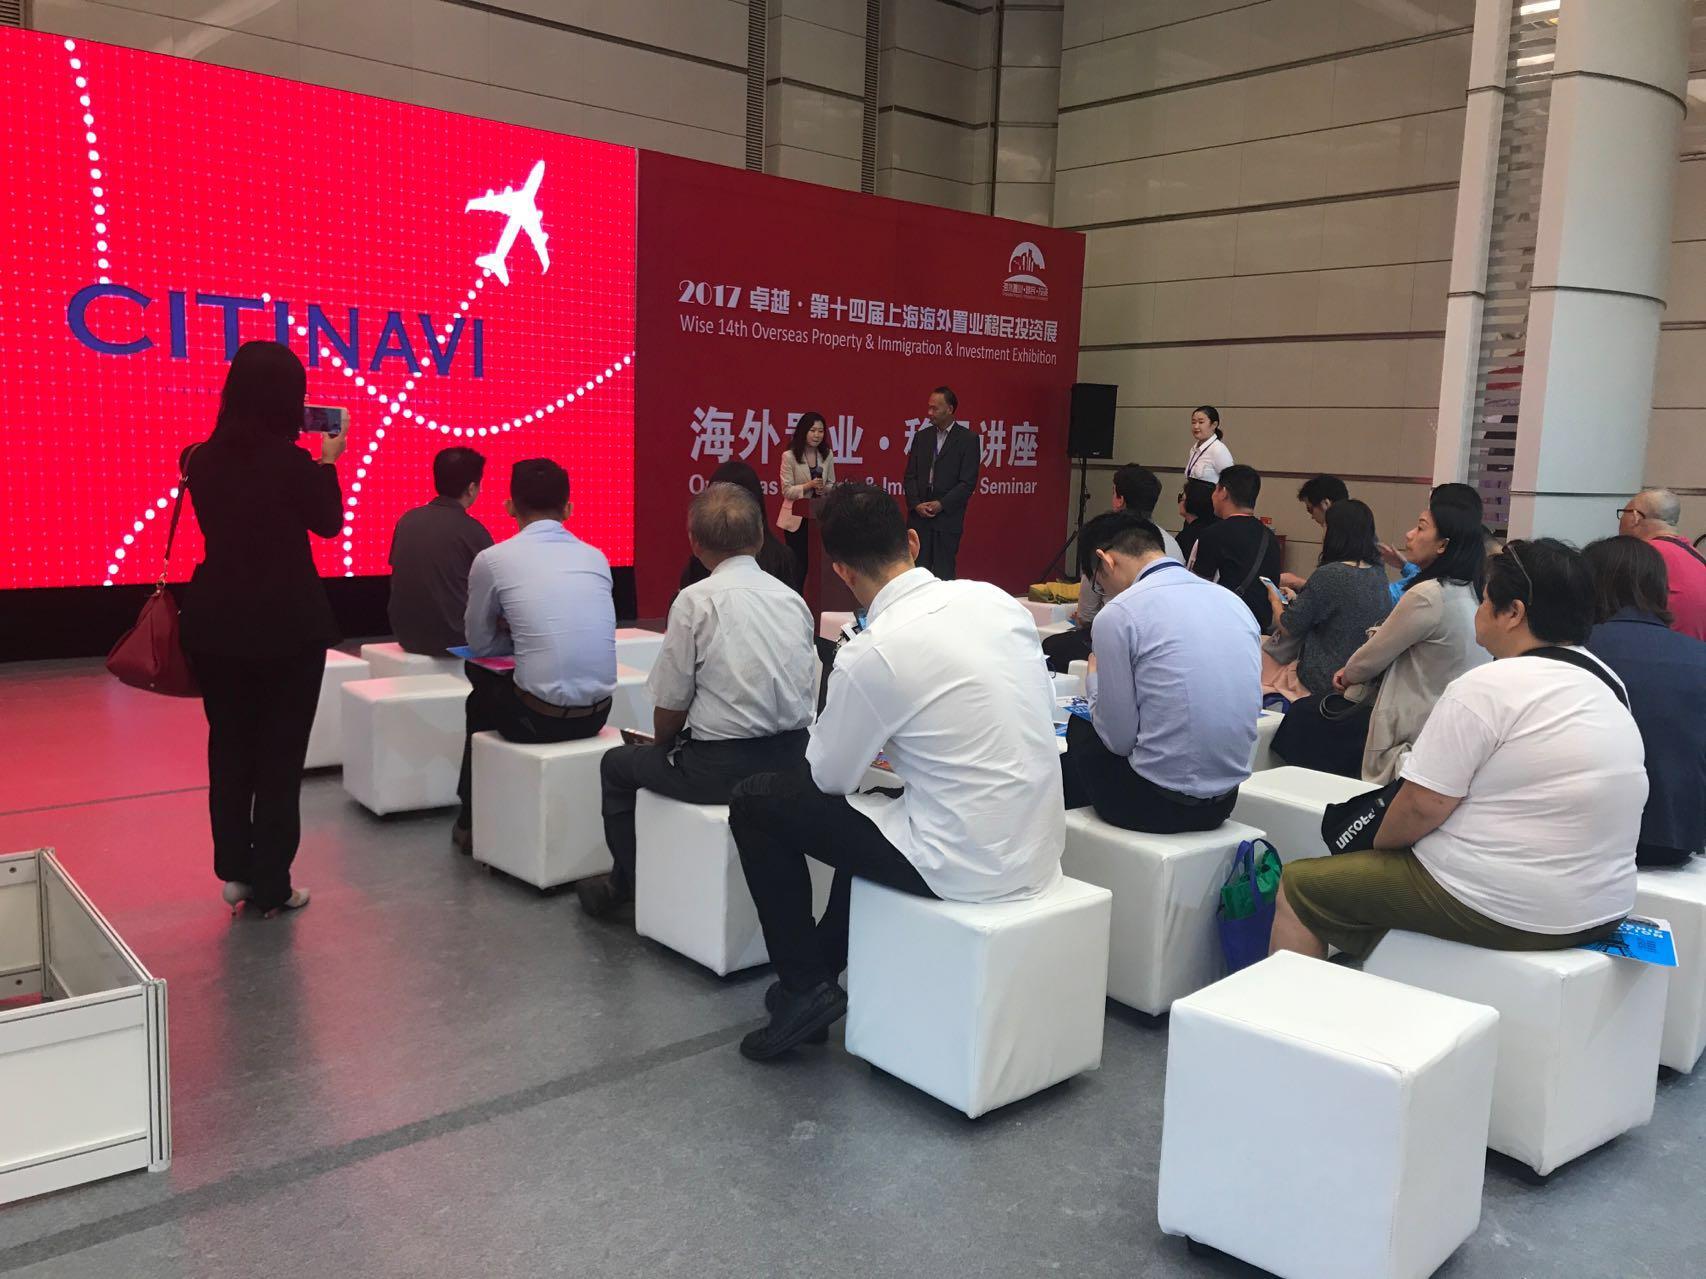 Shanghai Presentation